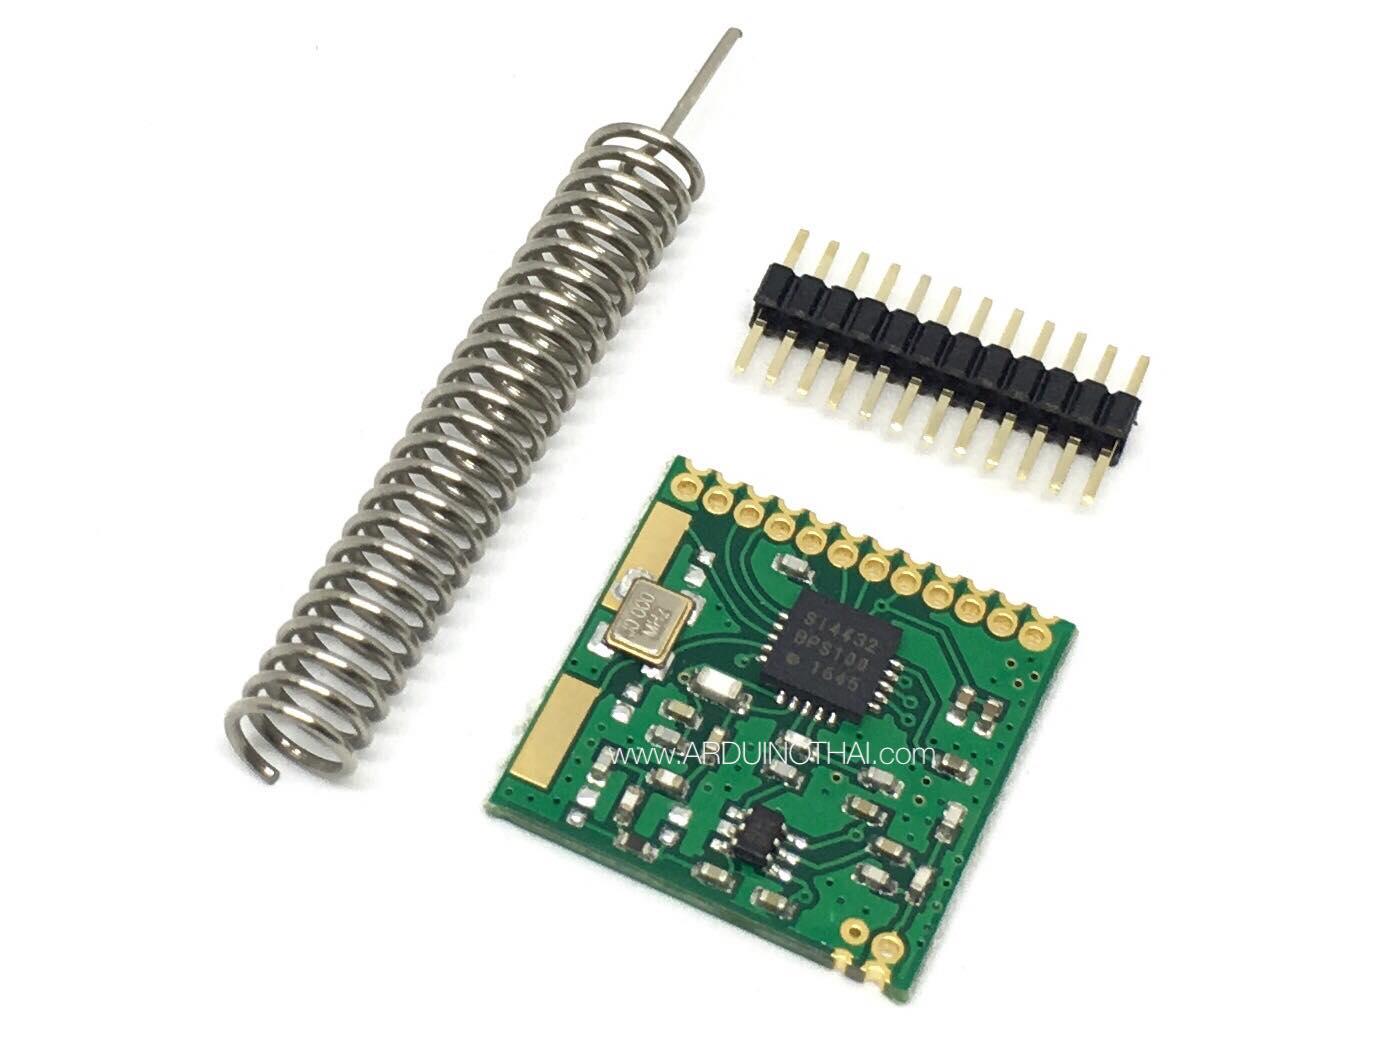 Ultra-small SI4432 wireless module (Green)